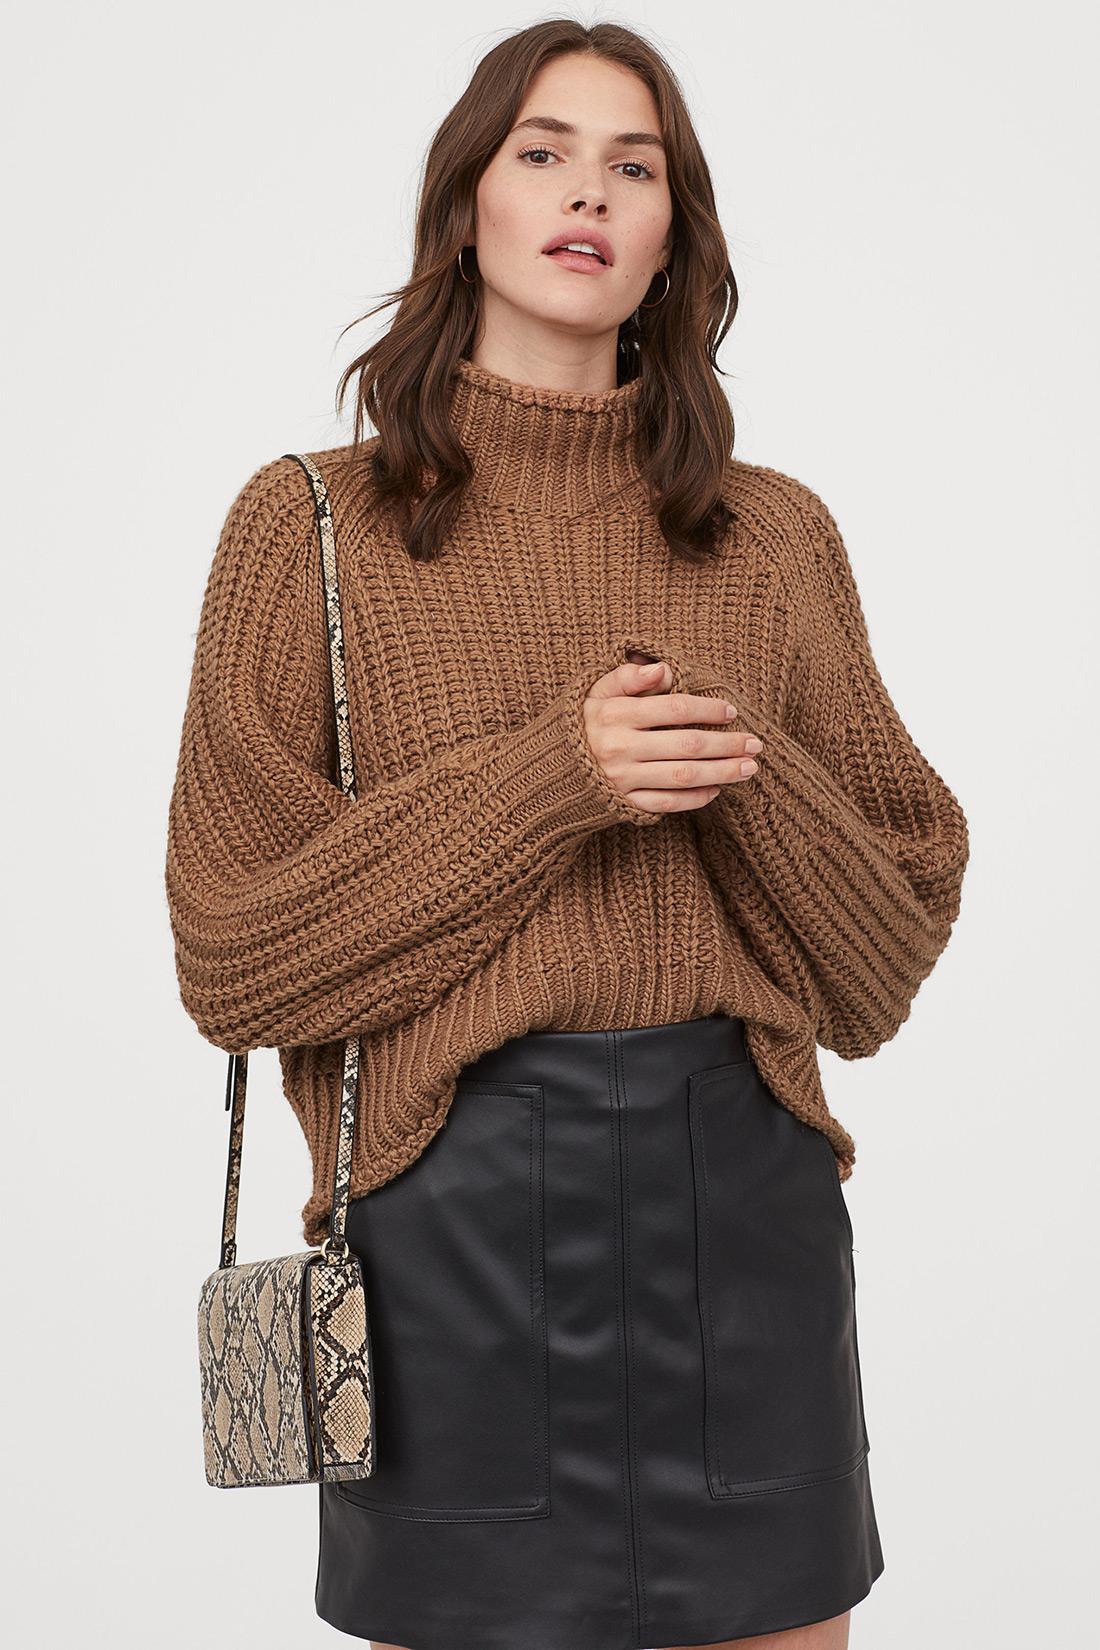 zenska moda 2019 street style hm zagreb pletivo dolčevita